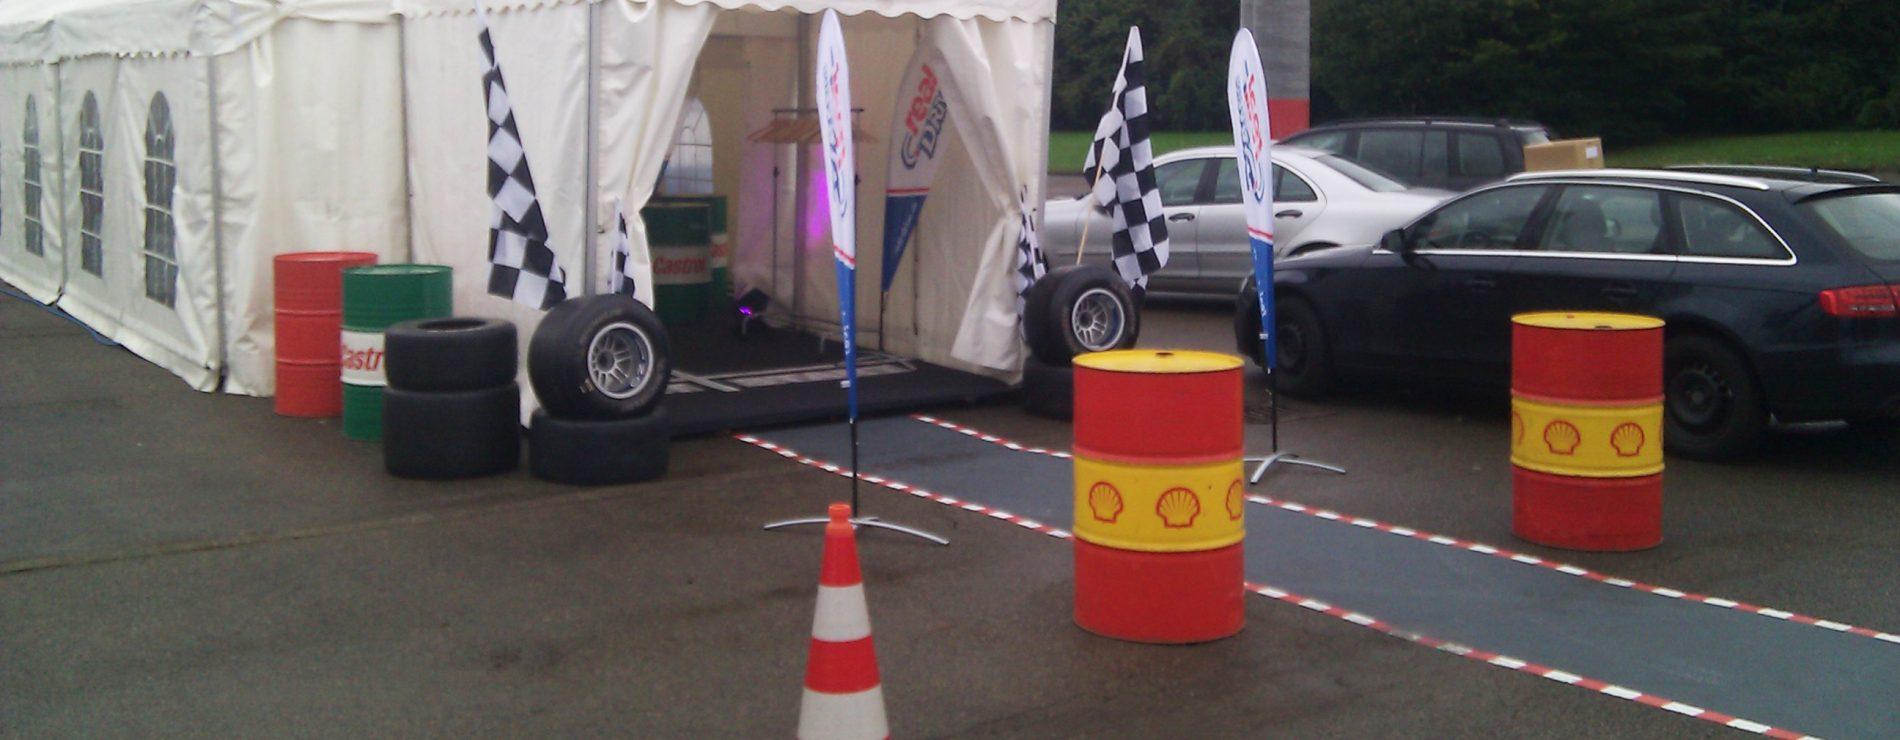 F1 Deko